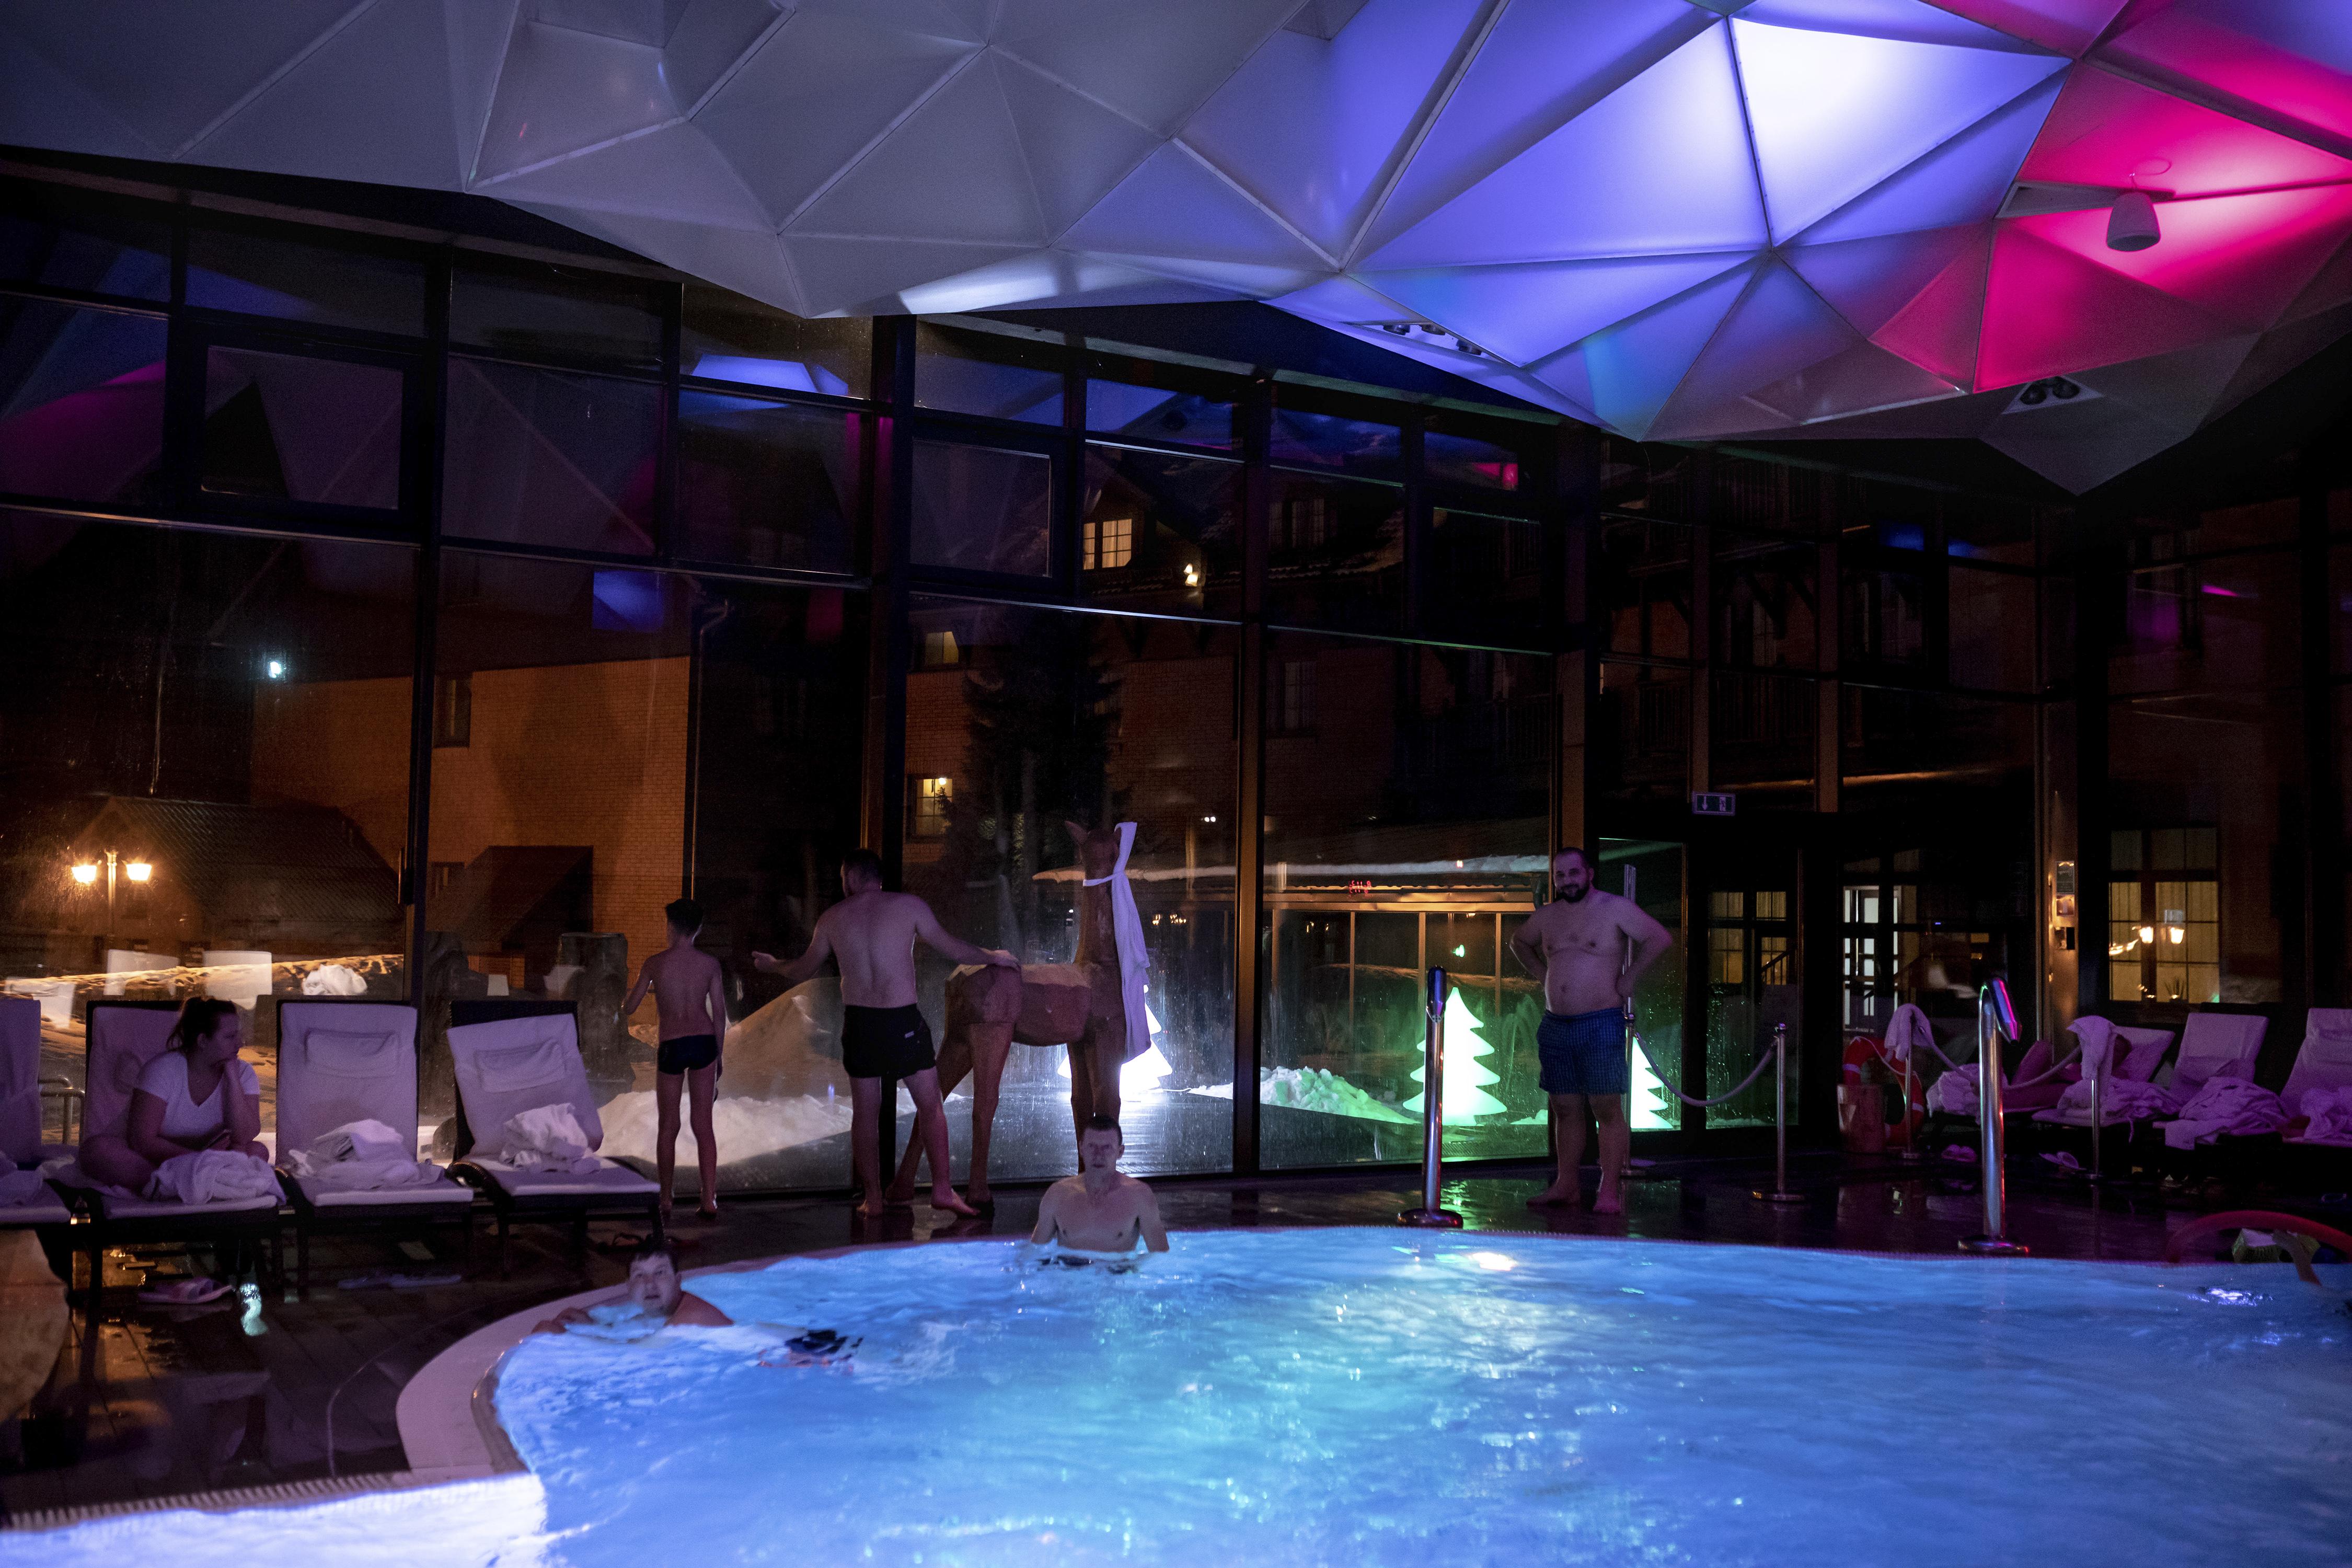 El hotel Zubrowka en Bialowieza es frecuentado por una clientela cosmopolita. (Andrea Mantovani/The New York Times)